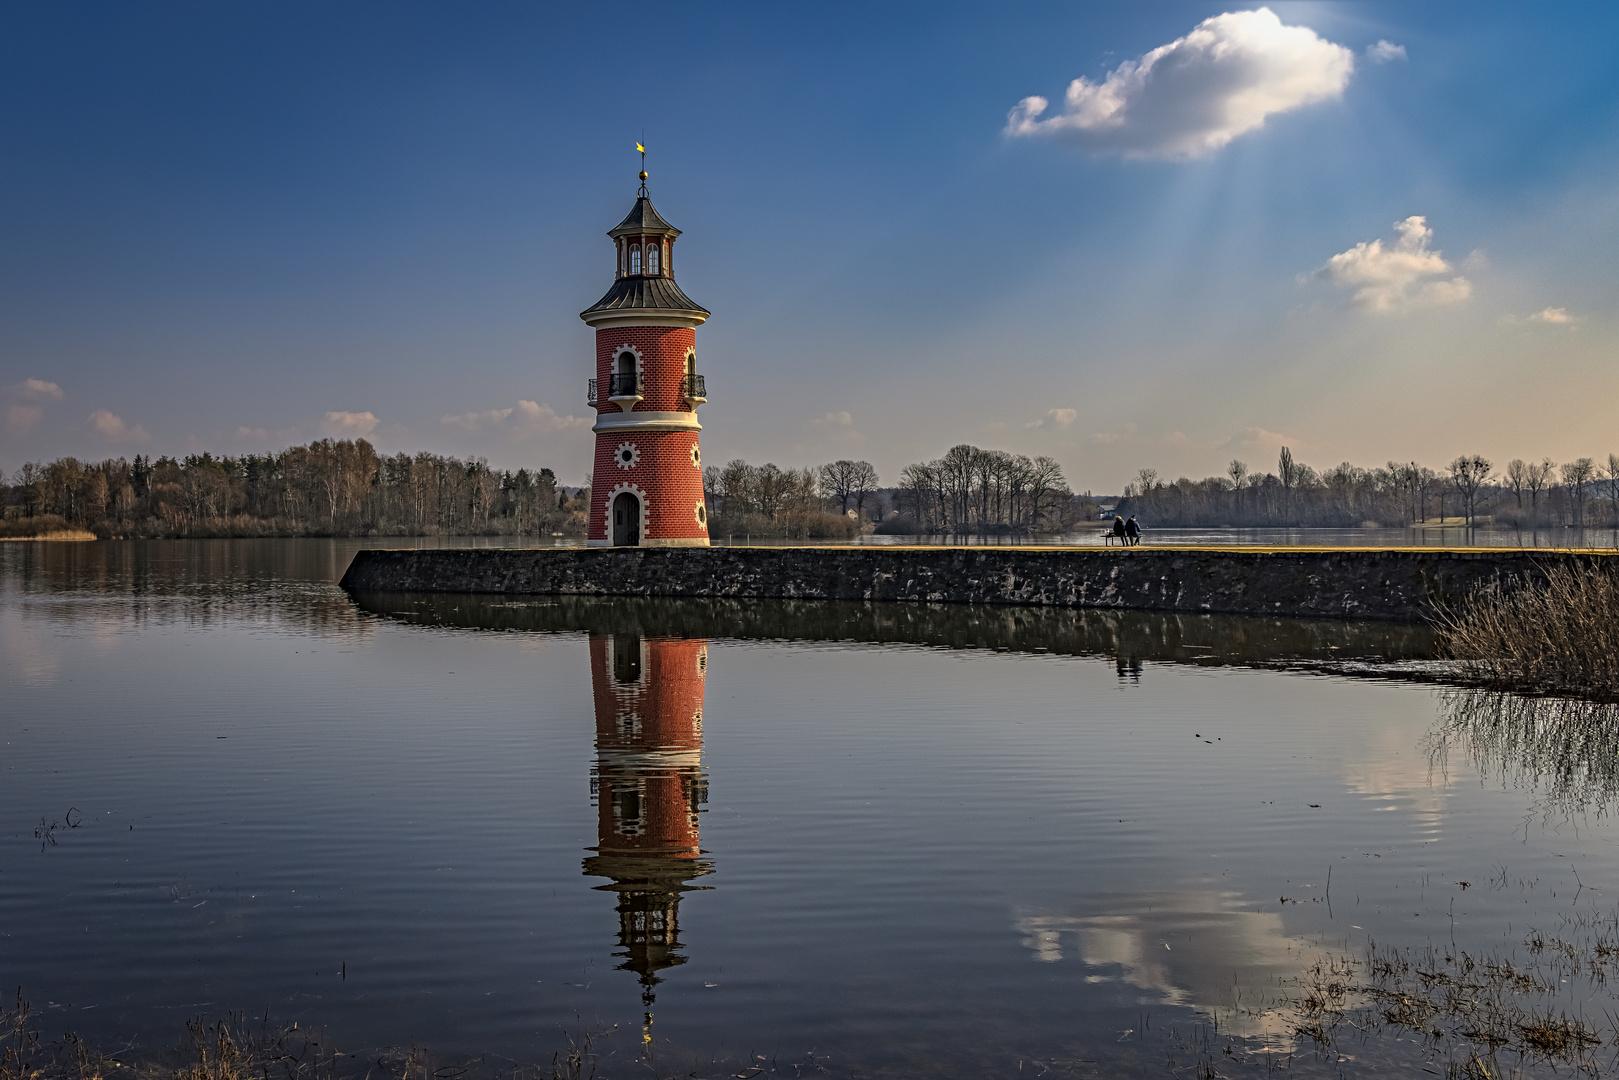 Moritzburger Leuchtturm